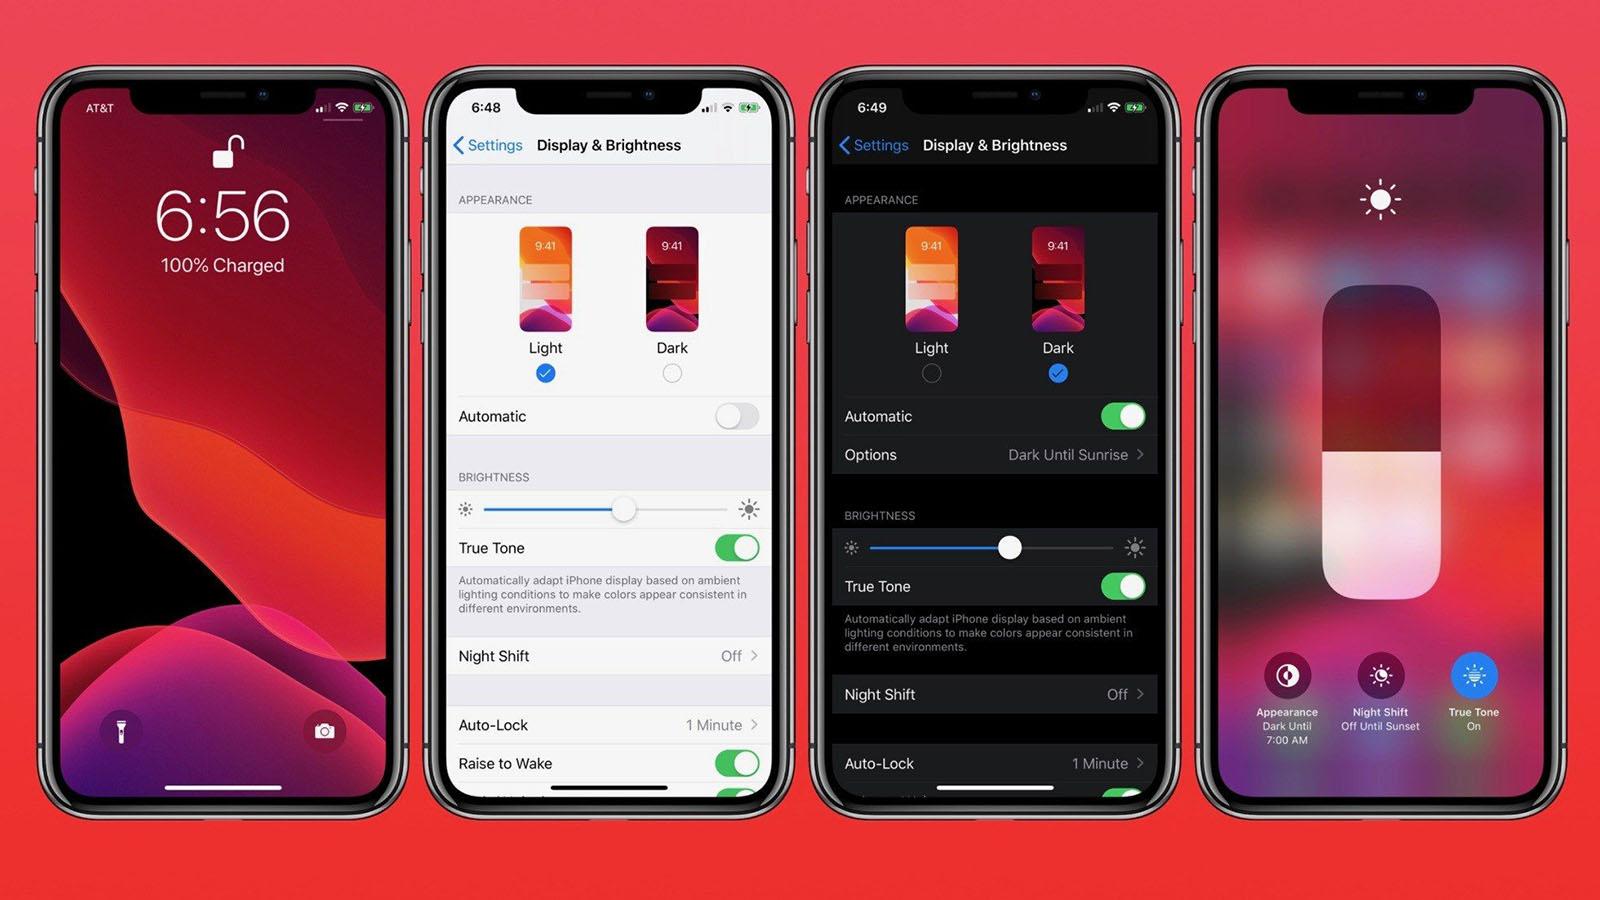 Dark Mode Dark Mode - Chế độ Dark Mode của iOS 13 giúp iPhone mới của bạn tiết kiệm pin hơn